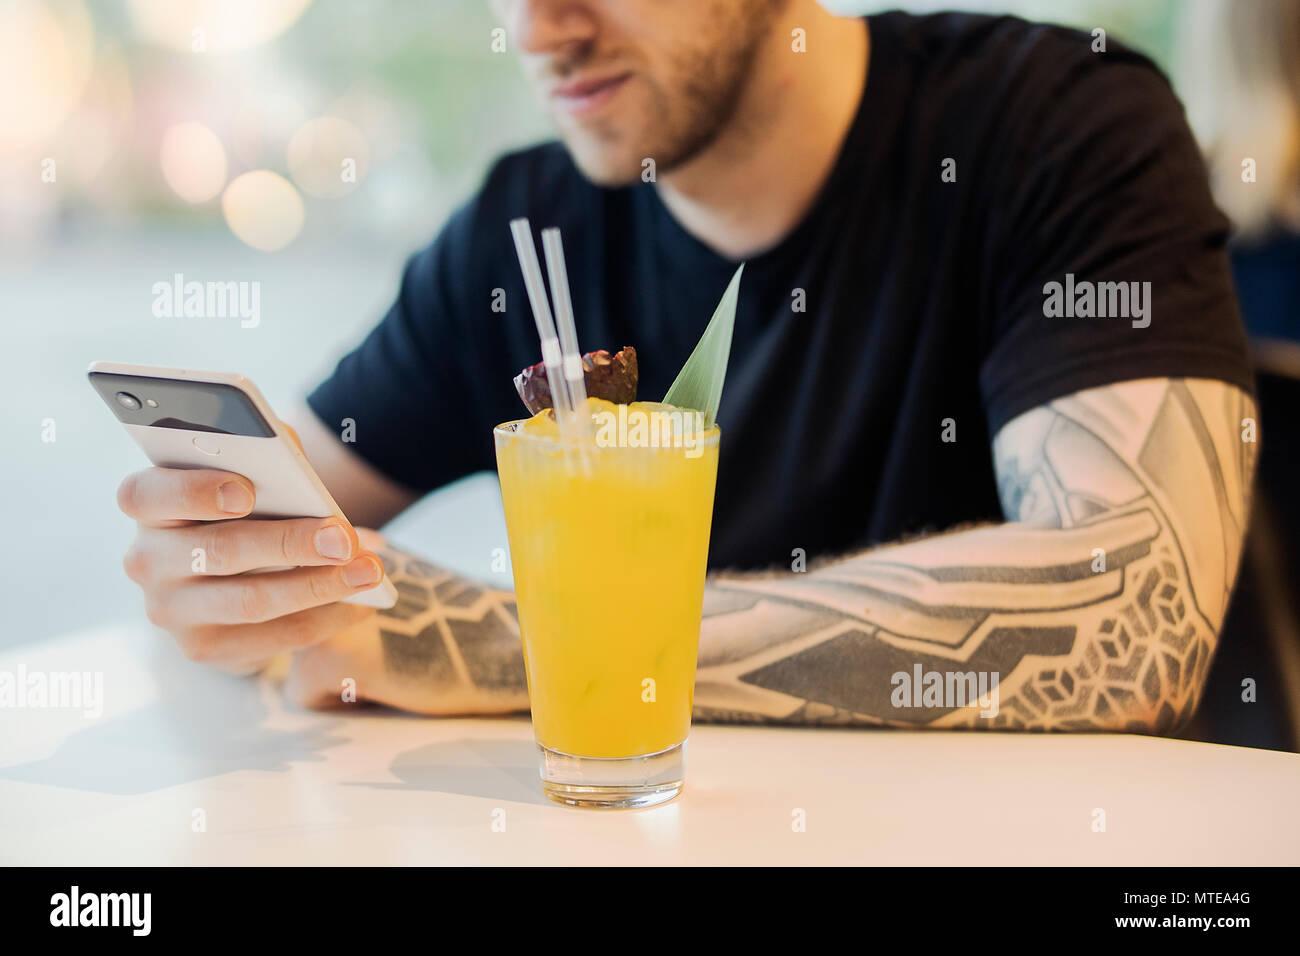 Attraktiven jungen Mann hält Handy und tranken Limonade. Stockbild